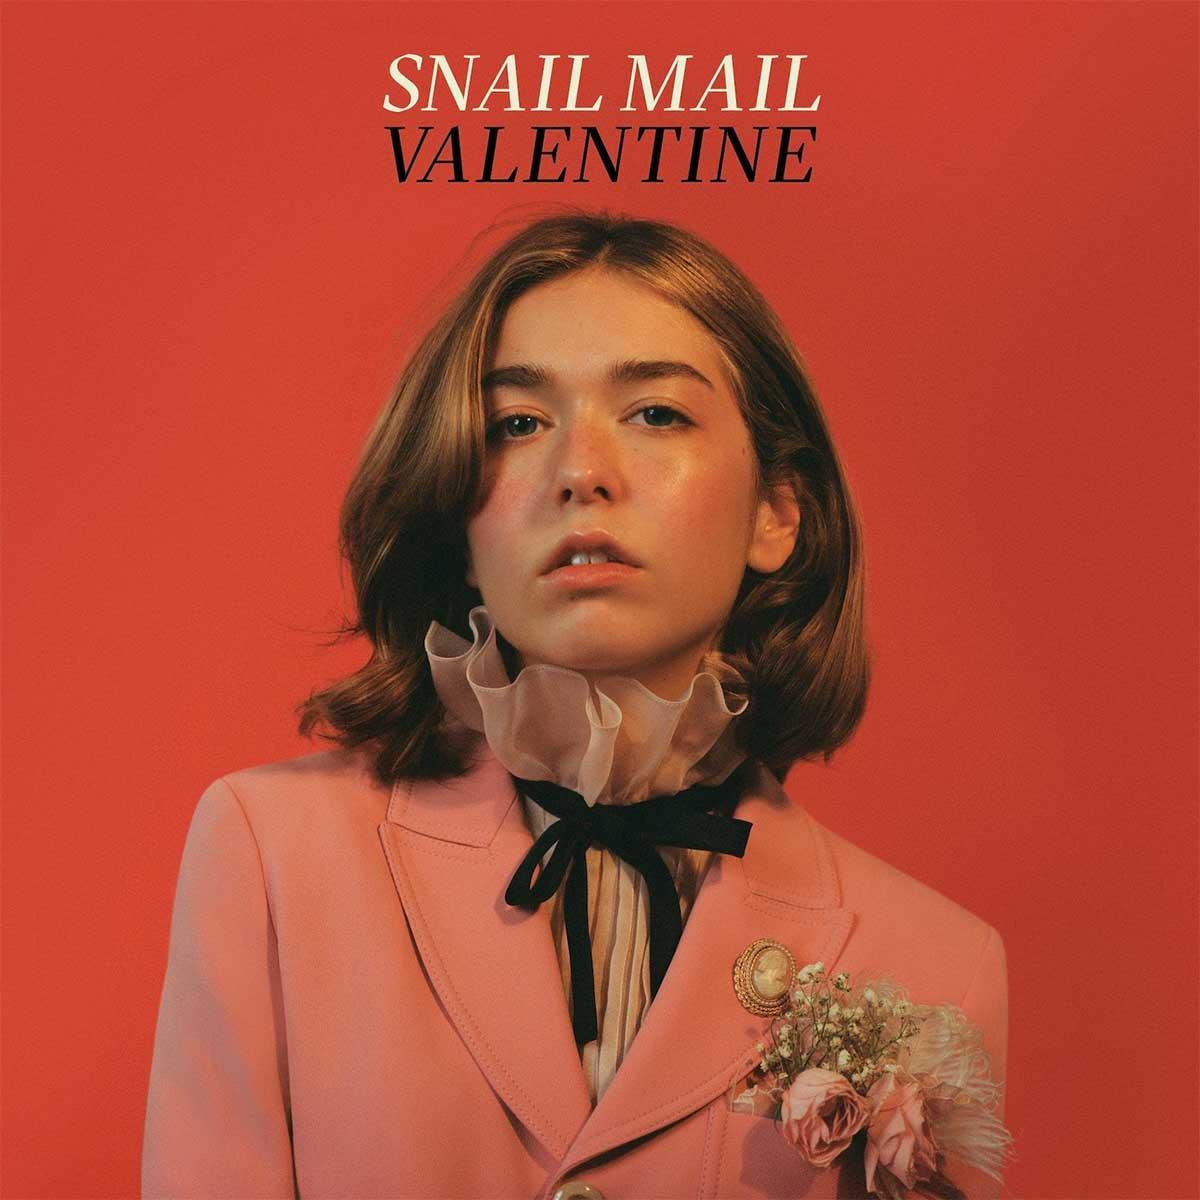 Tapa de Valentine, disco de Snail Mail